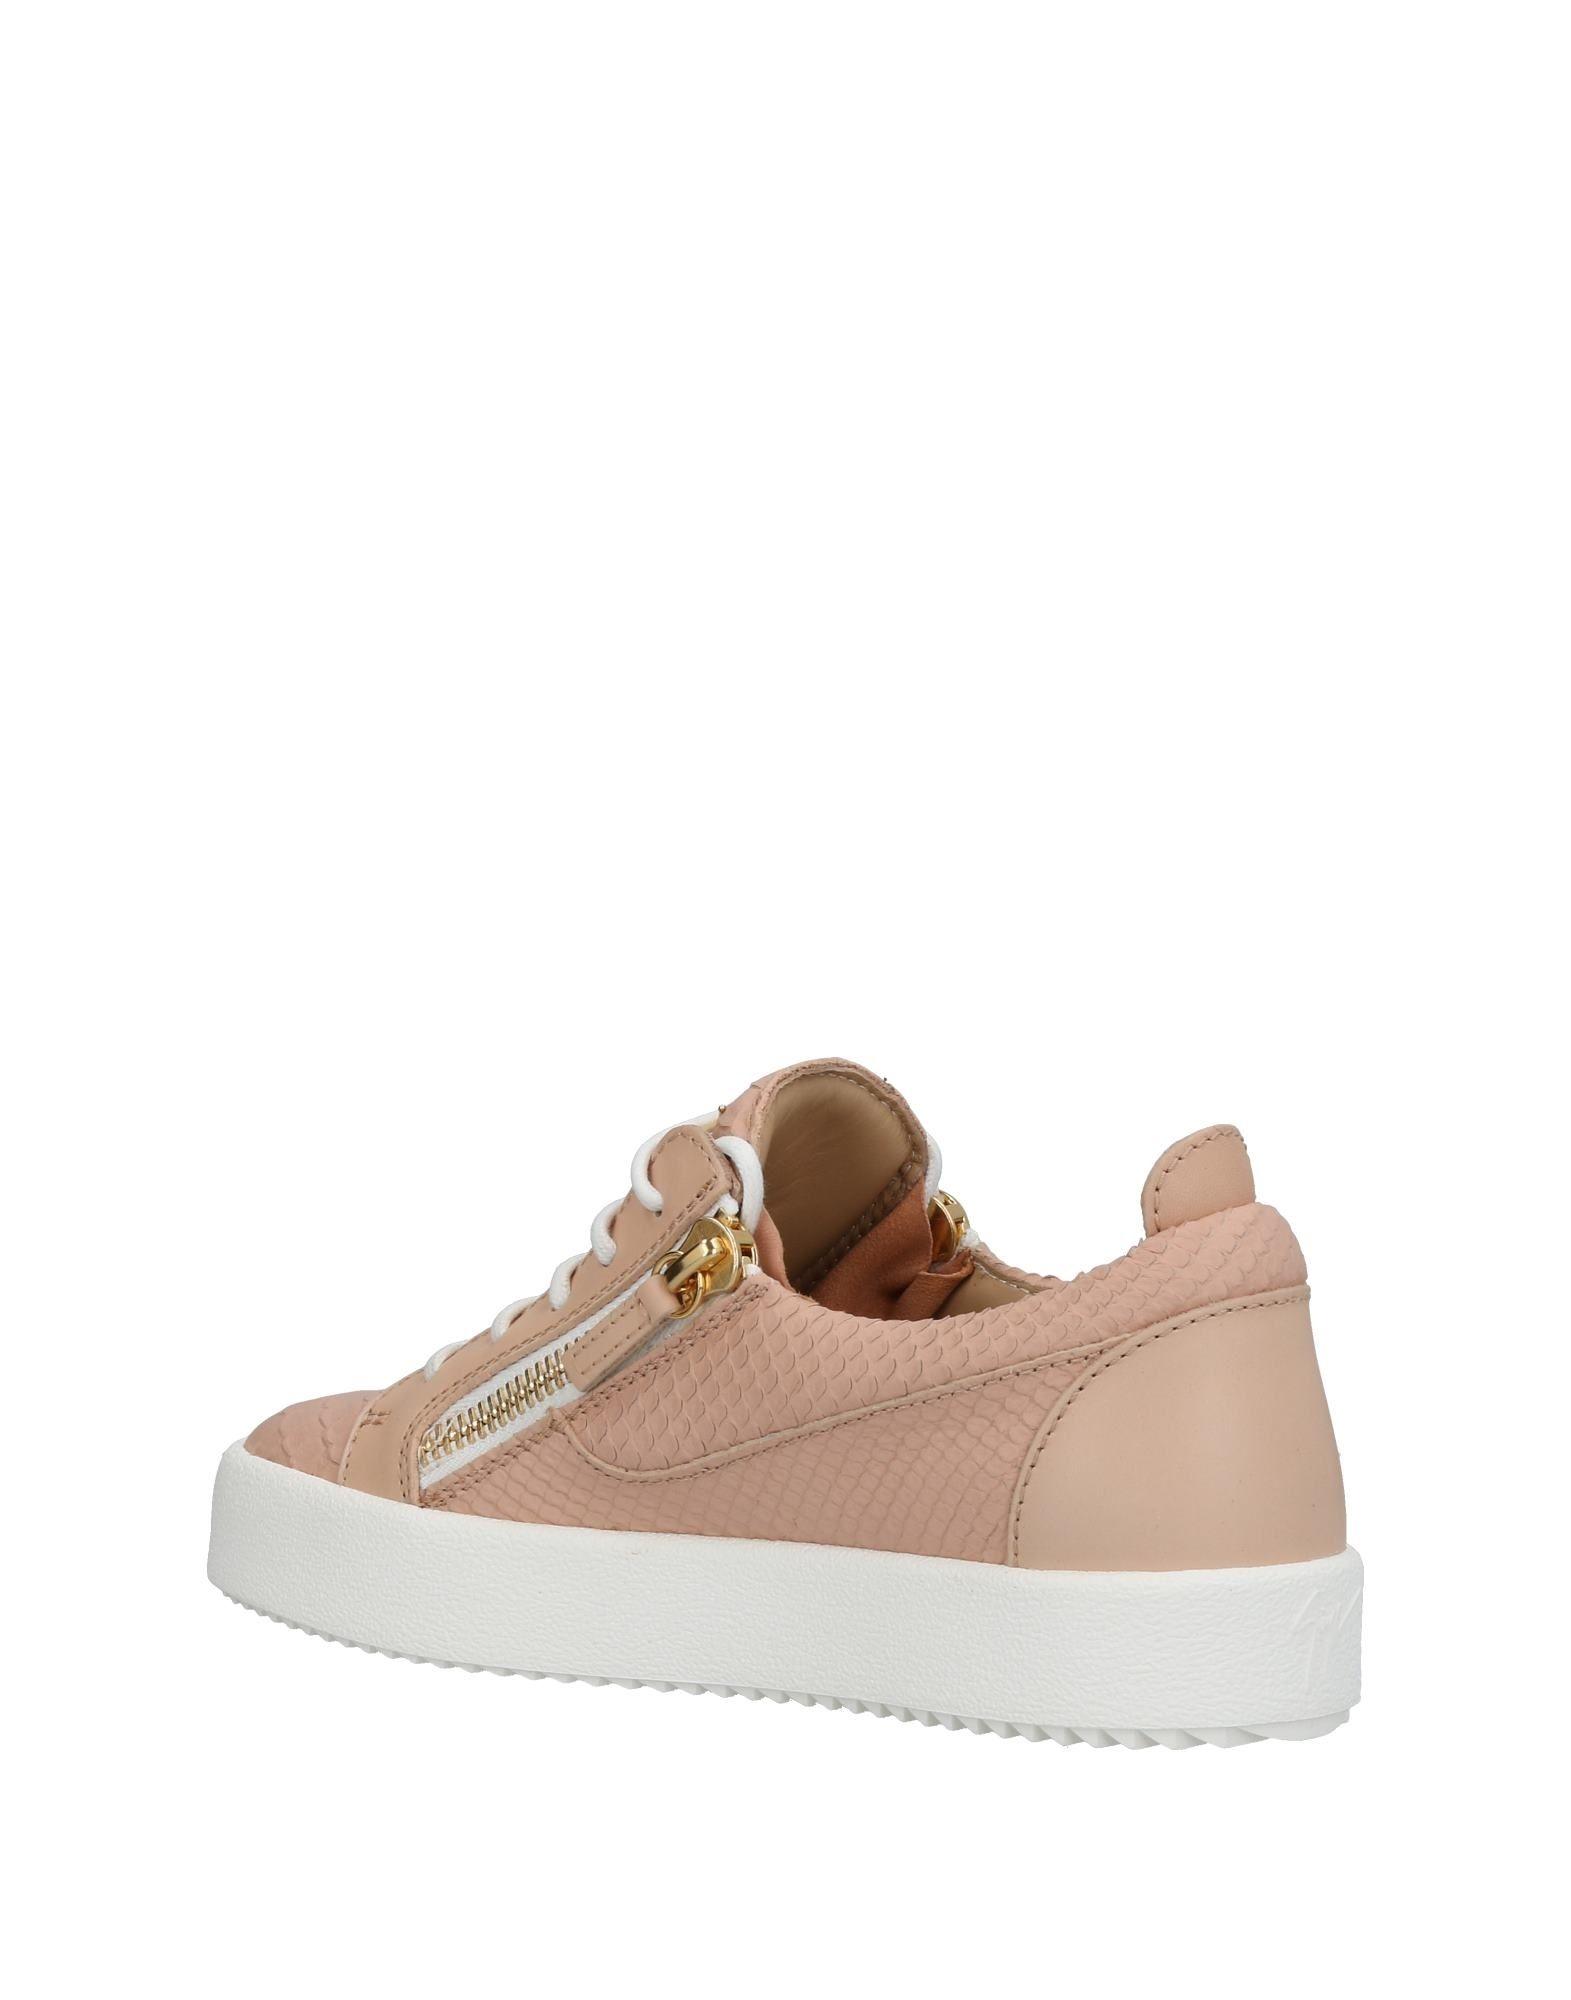 Giuseppe Zanotti Sneakers aussehende Damen  11446066LLGünstige gut aussehende Sneakers Schuhe d79092